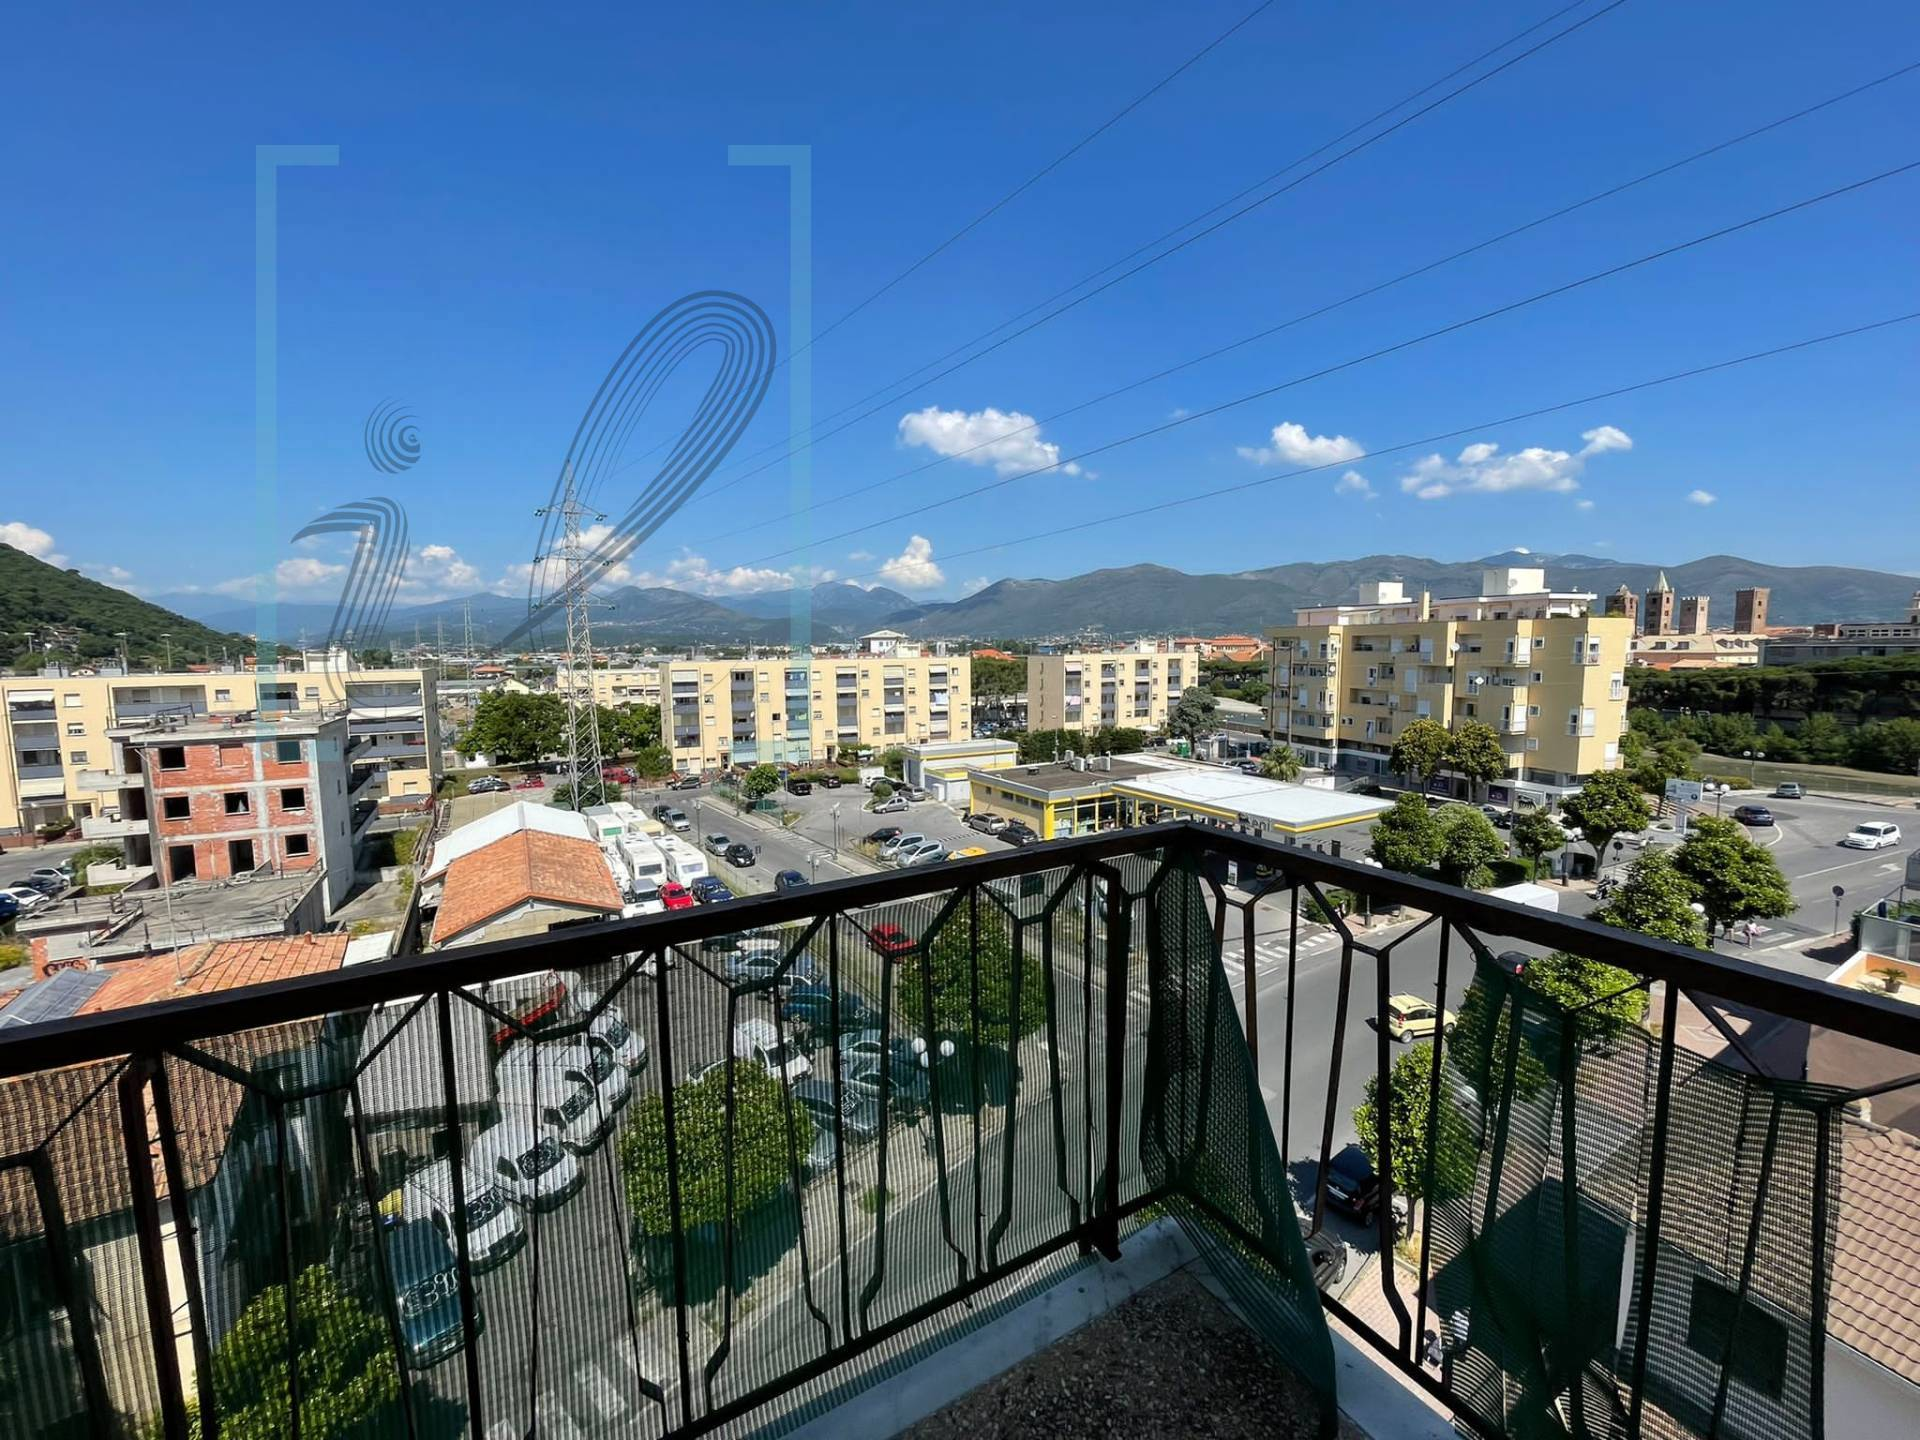 Appartamento in vendita a Albenga, 4 locali, zona Località: Centro, prezzo € 205.000 | PortaleAgenzieImmobiliari.it